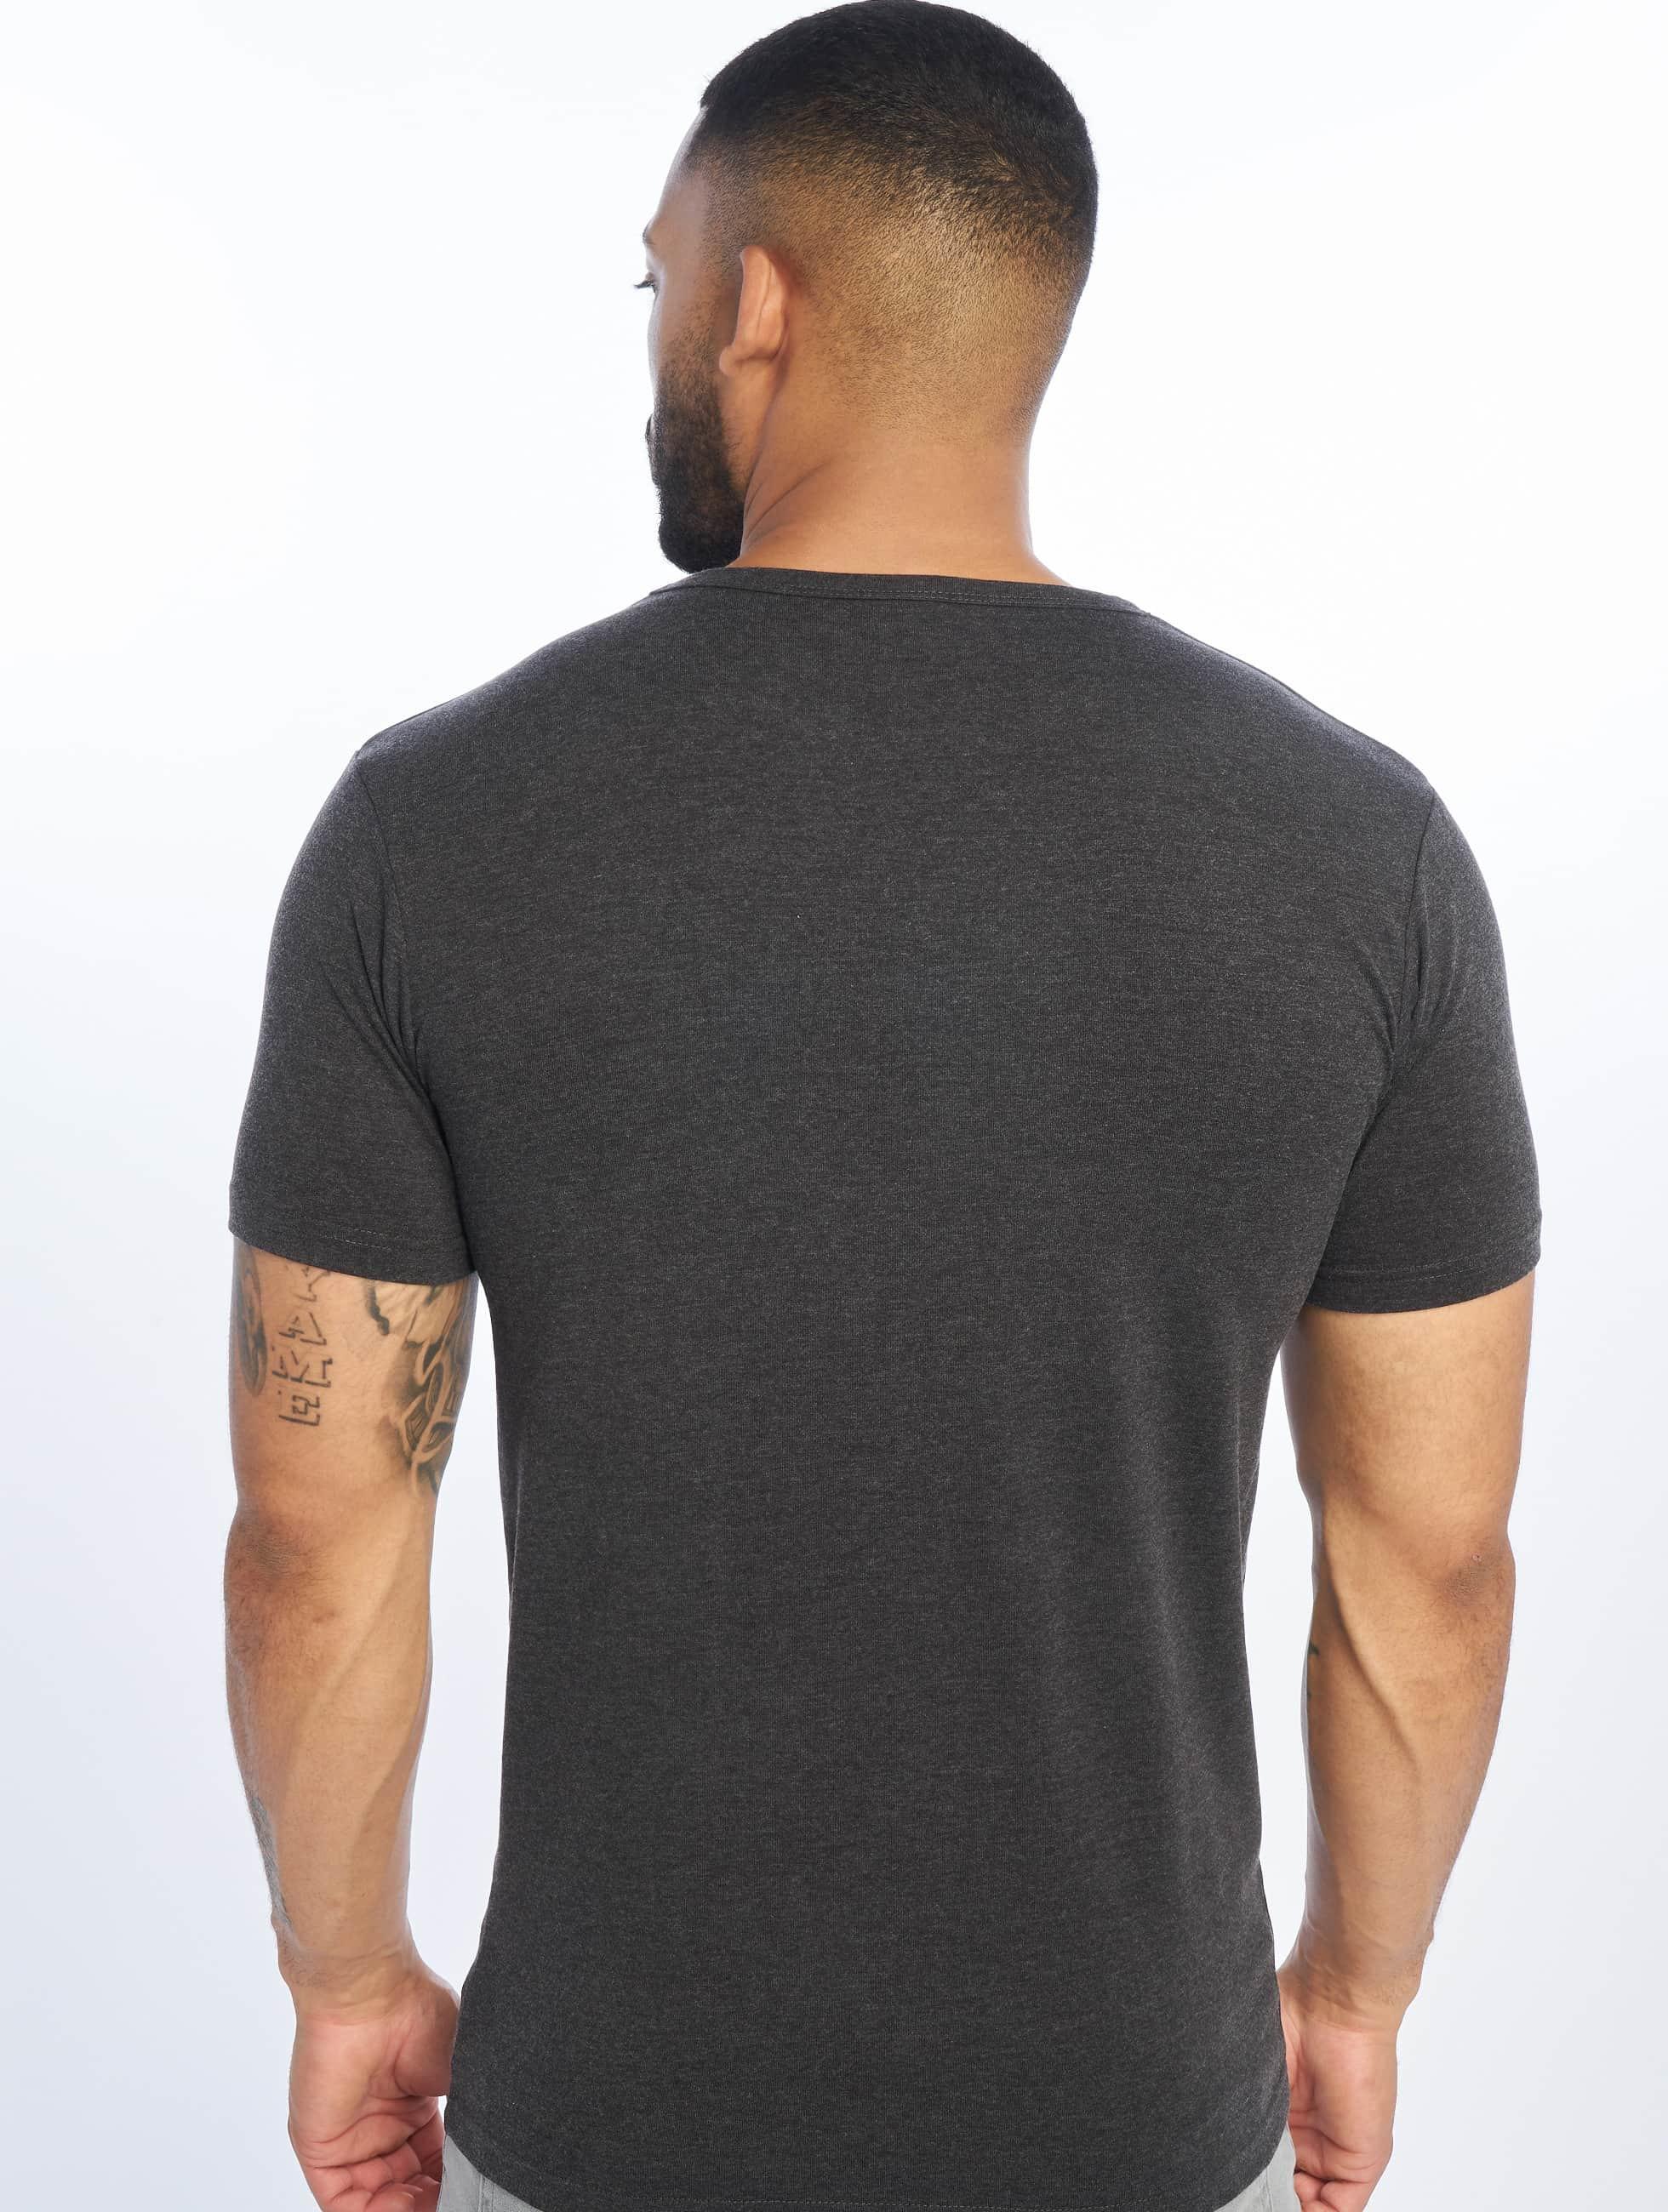 Urban Classics t-shirt Fitted Stretch grijs